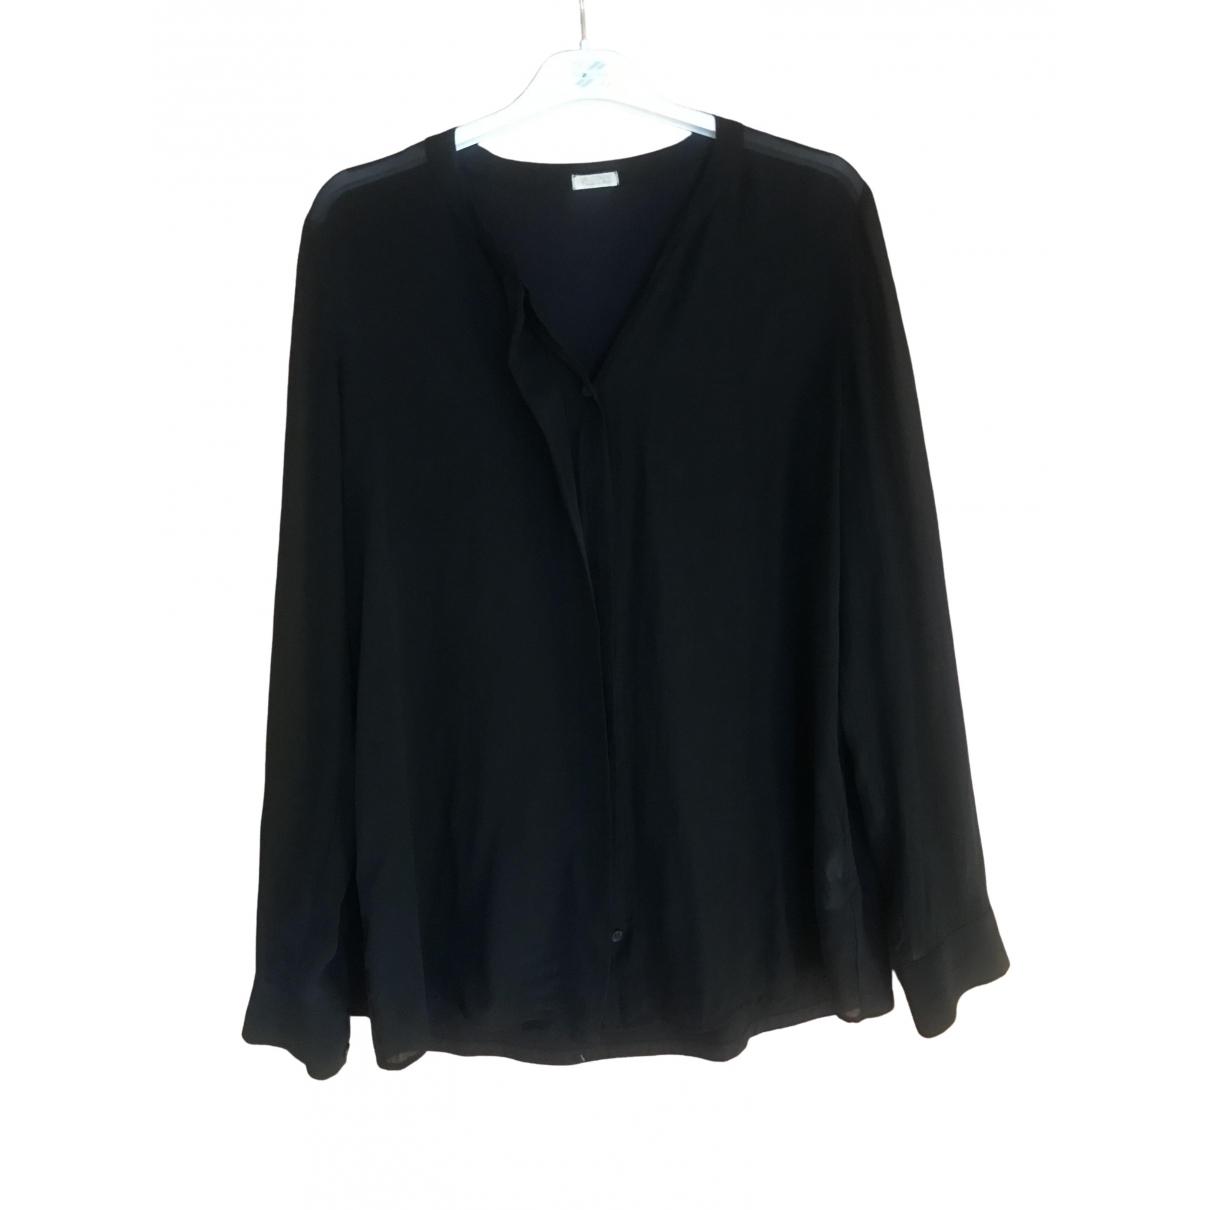 Falconeri - Veste   pour femme en soie - noir